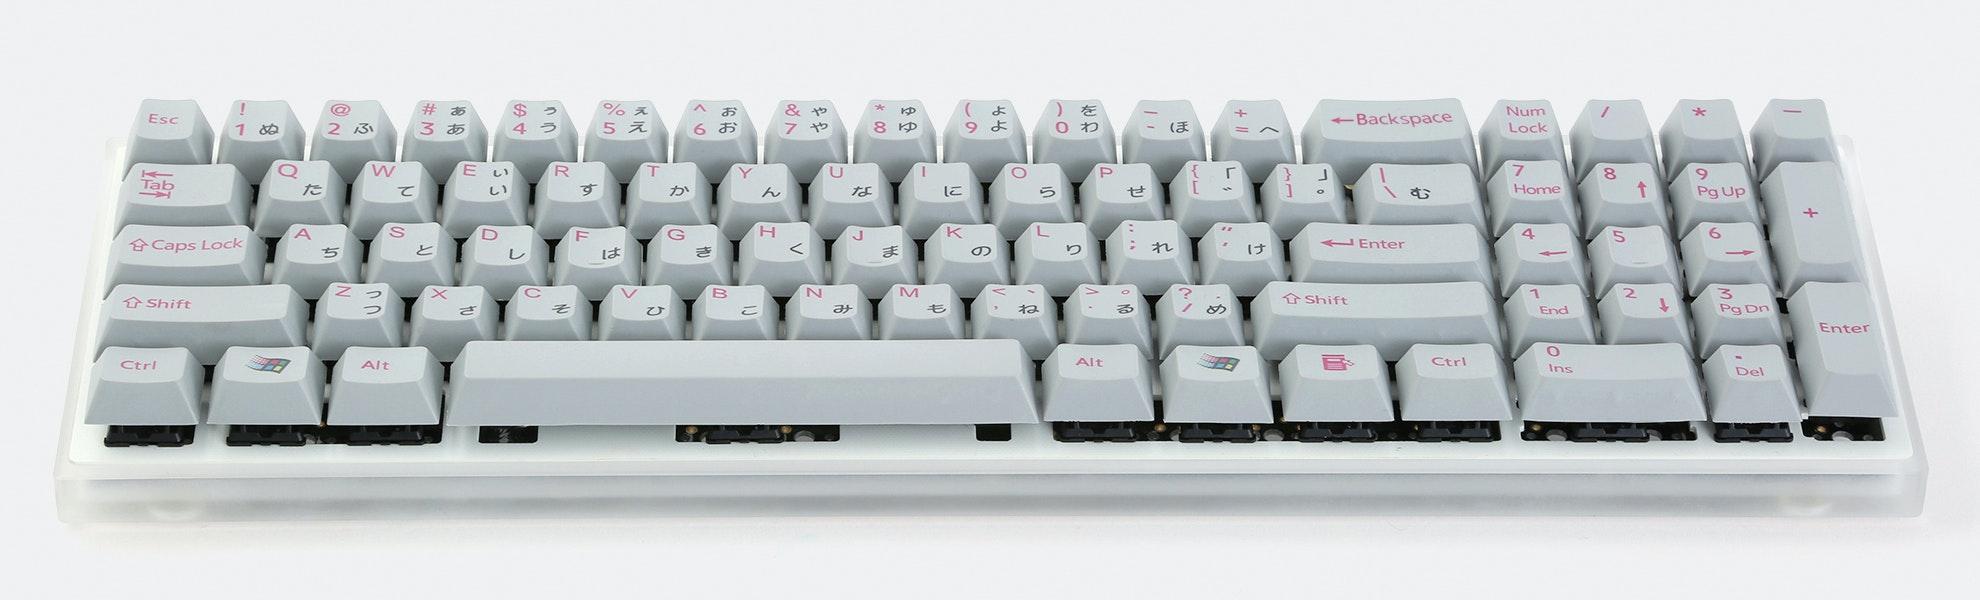 Japanese Alphabet Cherry PBT Dye-Subbed Keycap Set